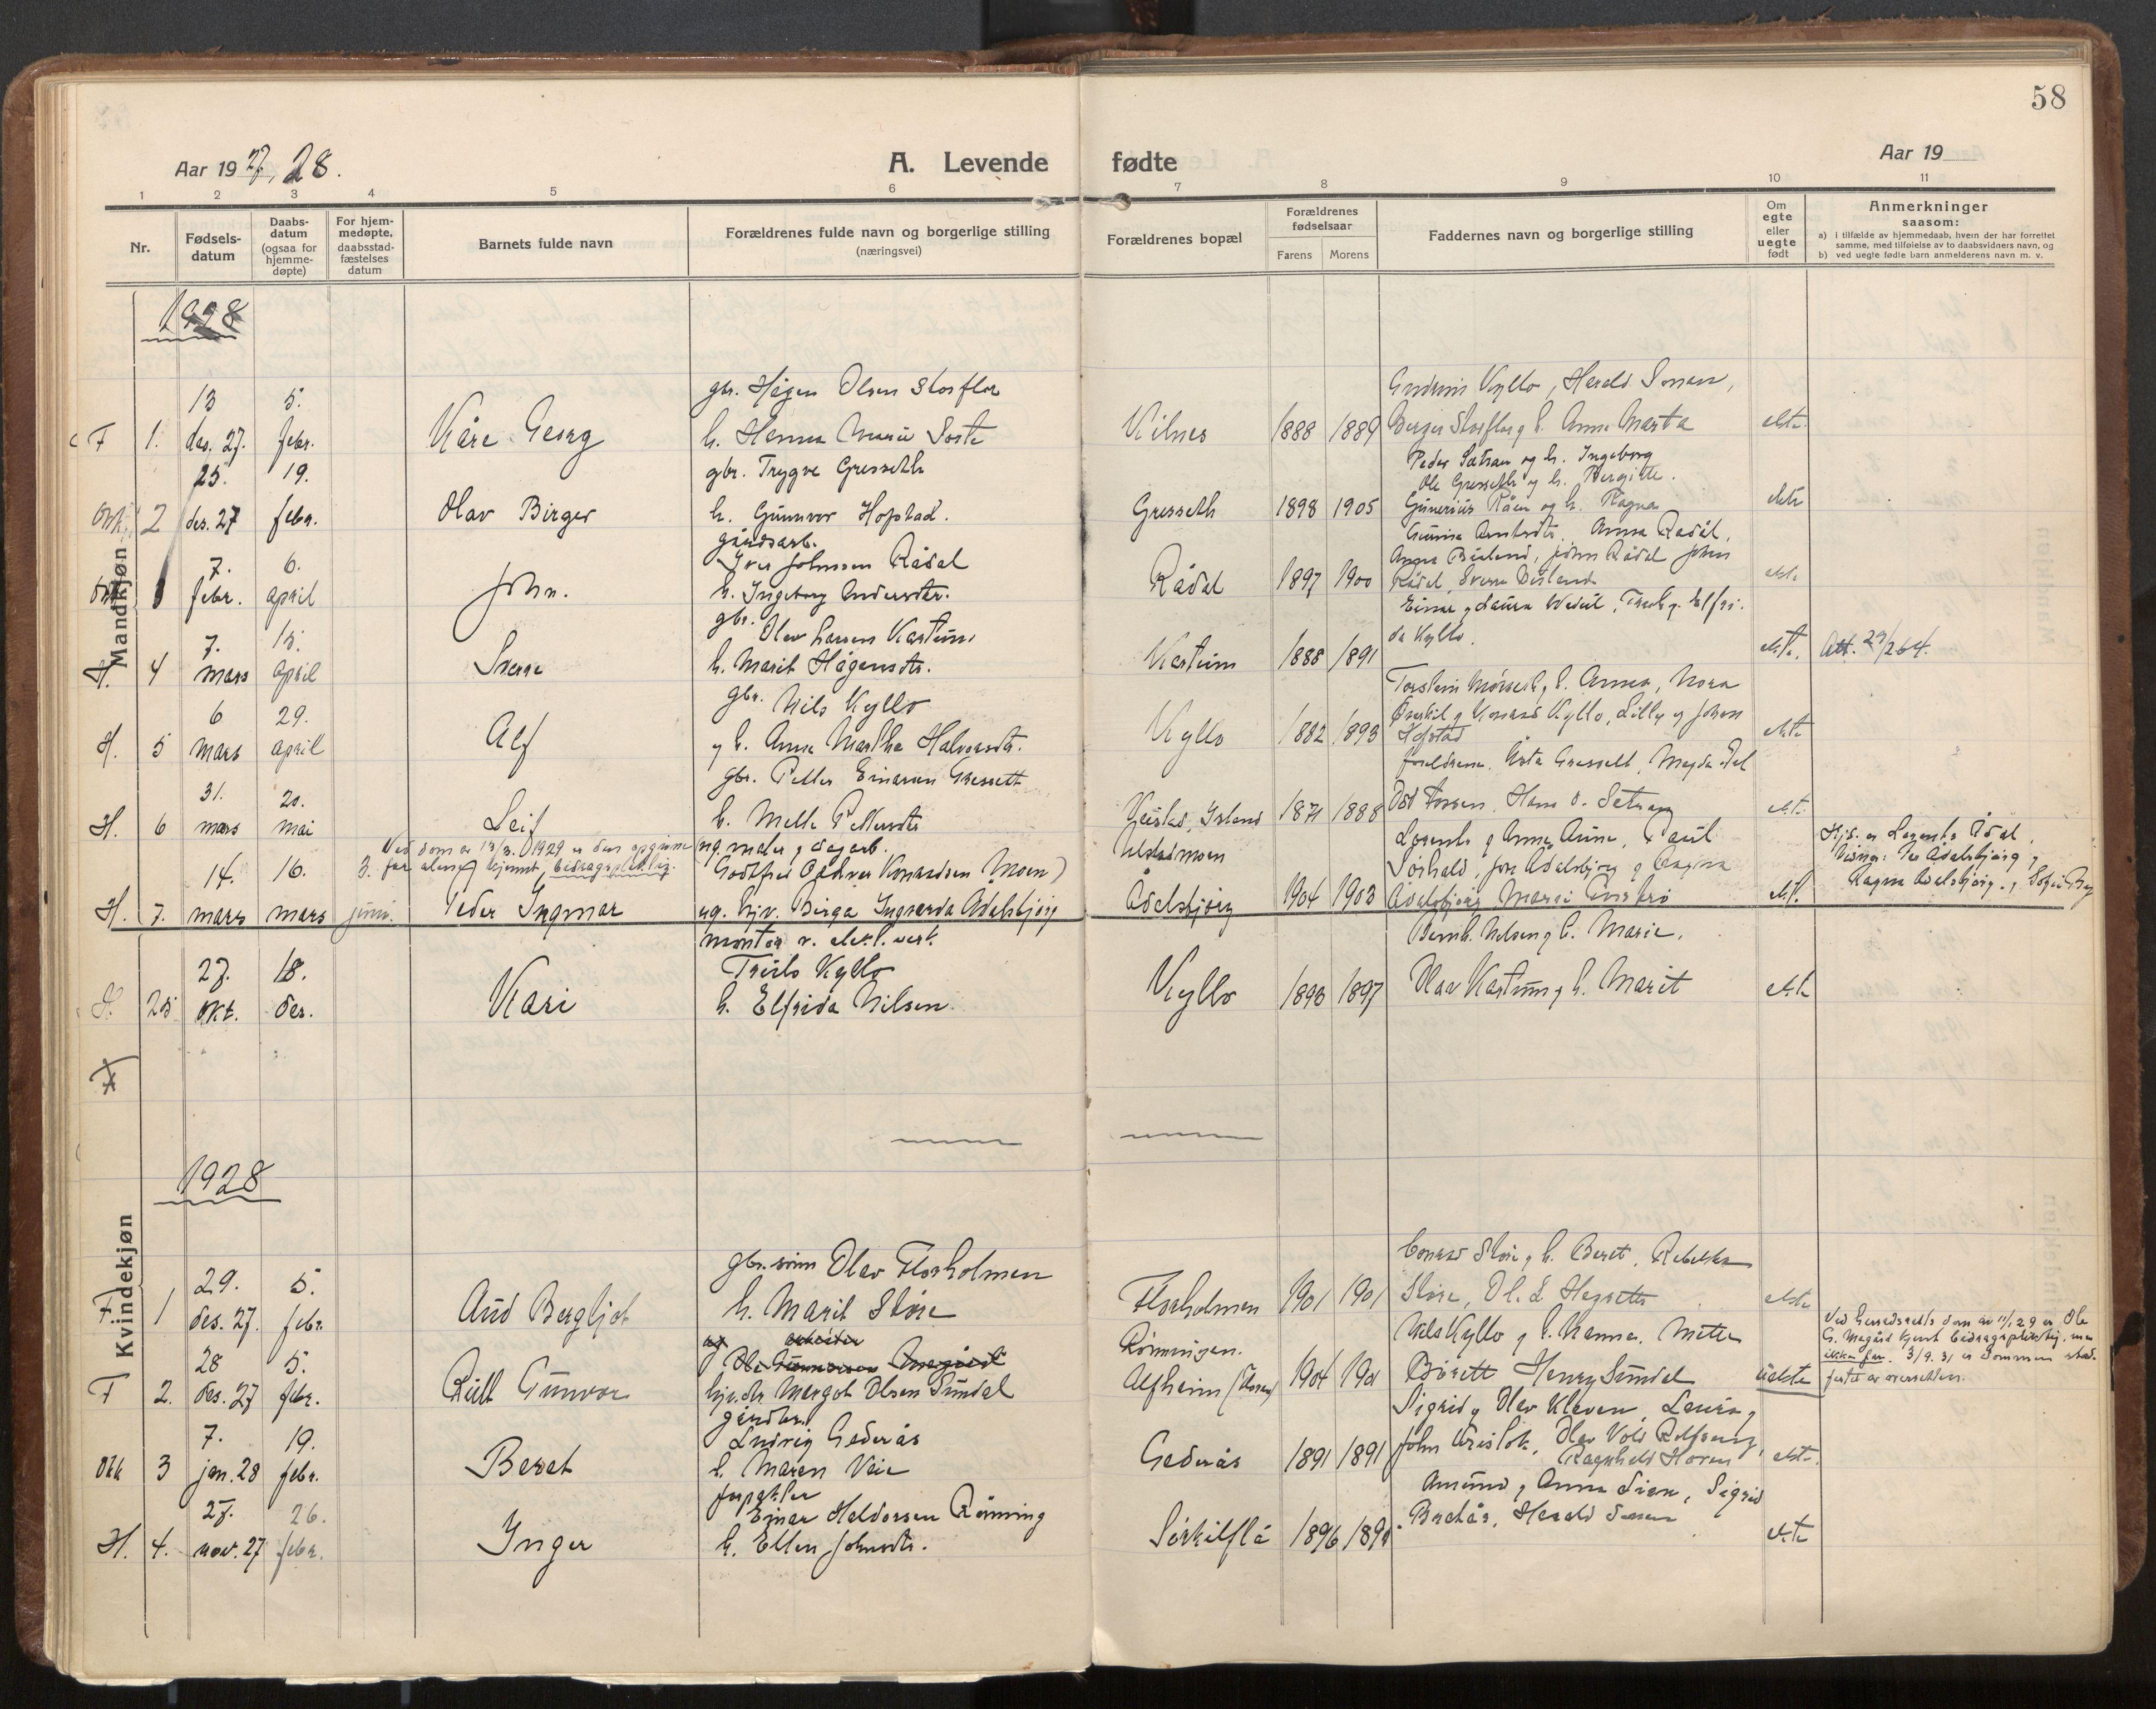 SAT, Ministerialprotokoller, klokkerbøker og fødselsregistre - Nord-Trøndelag, 703/L0037: Parish register (official) no. 703A10, 1915-1932, p. 58